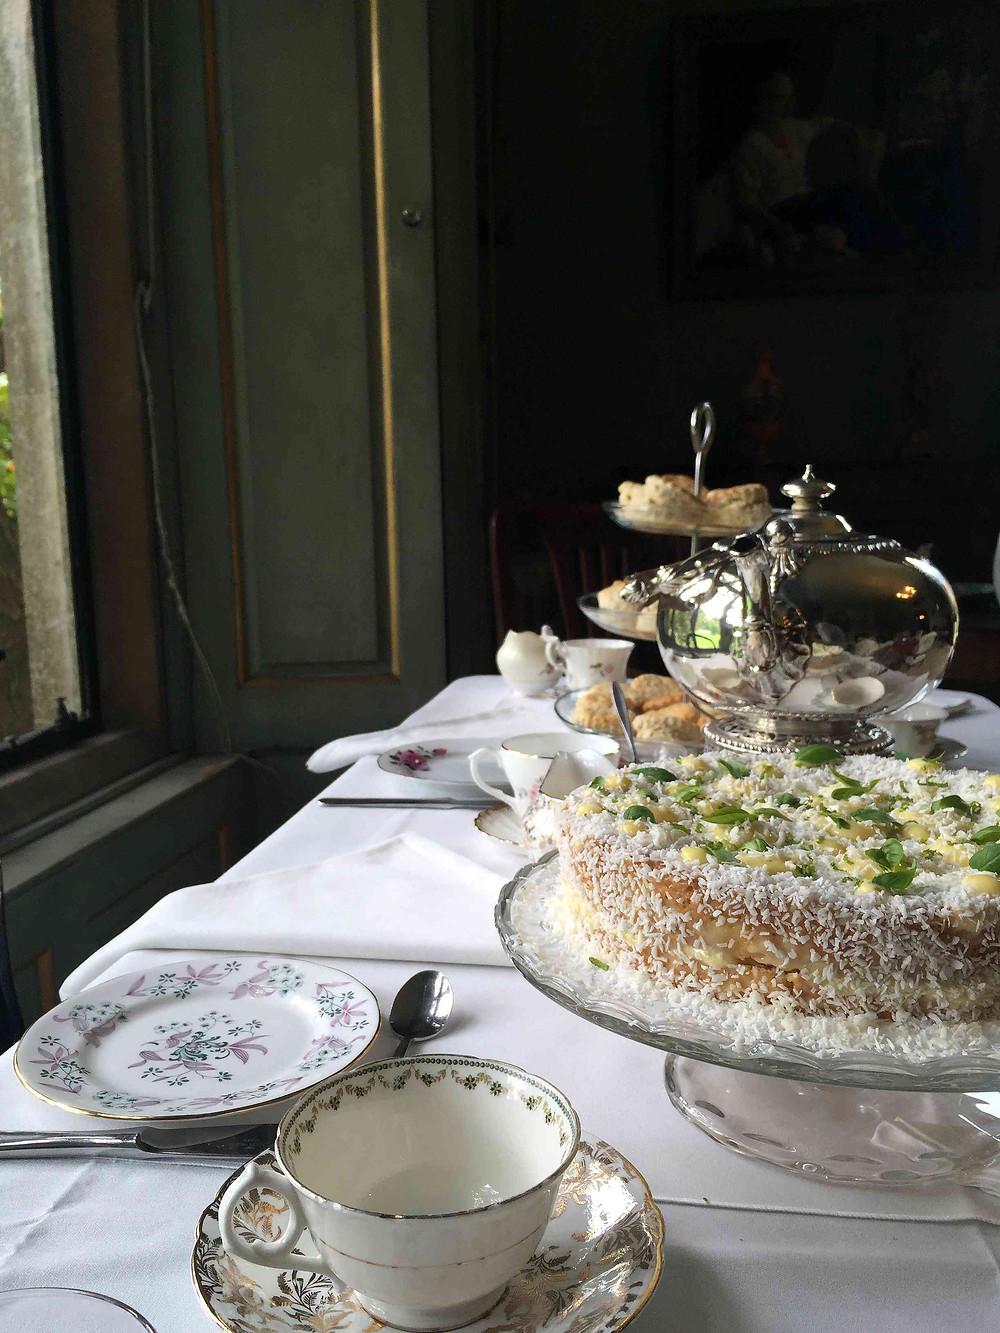 coconut, lime and basil cake - gâteau à la noix de coco, citron vert et basilic sistersjunction